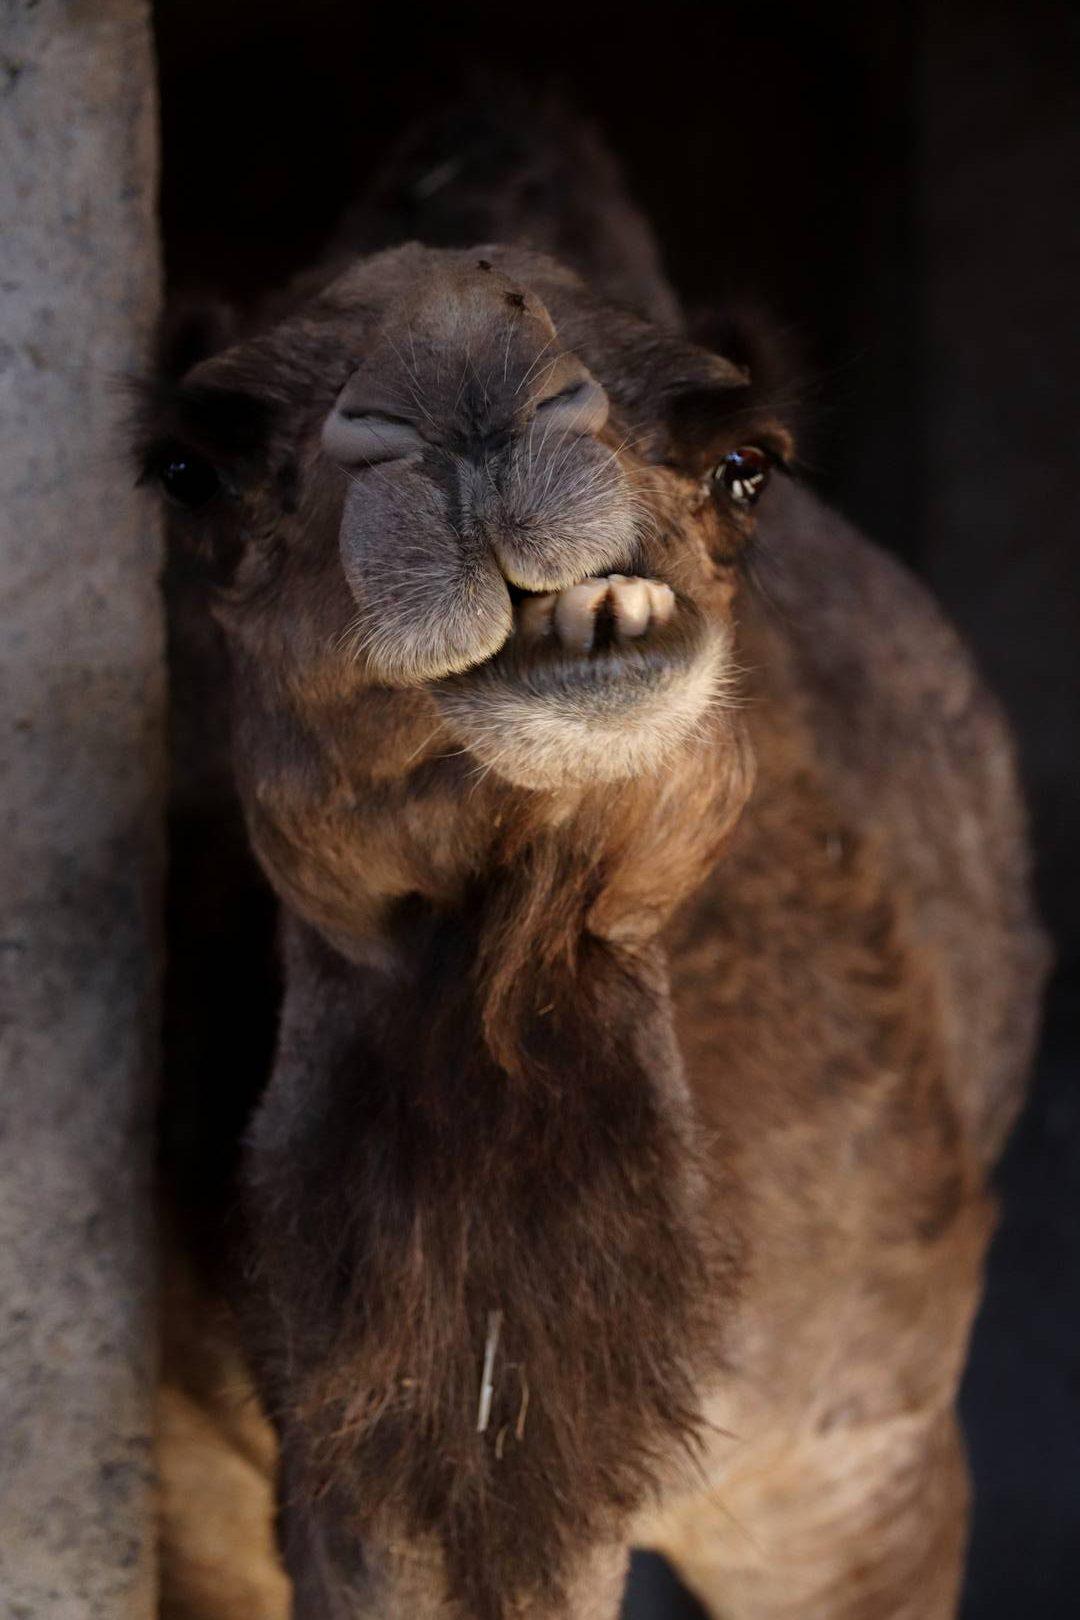 Maroc - Elevage de dromadaires dans la vallée d'Imlil